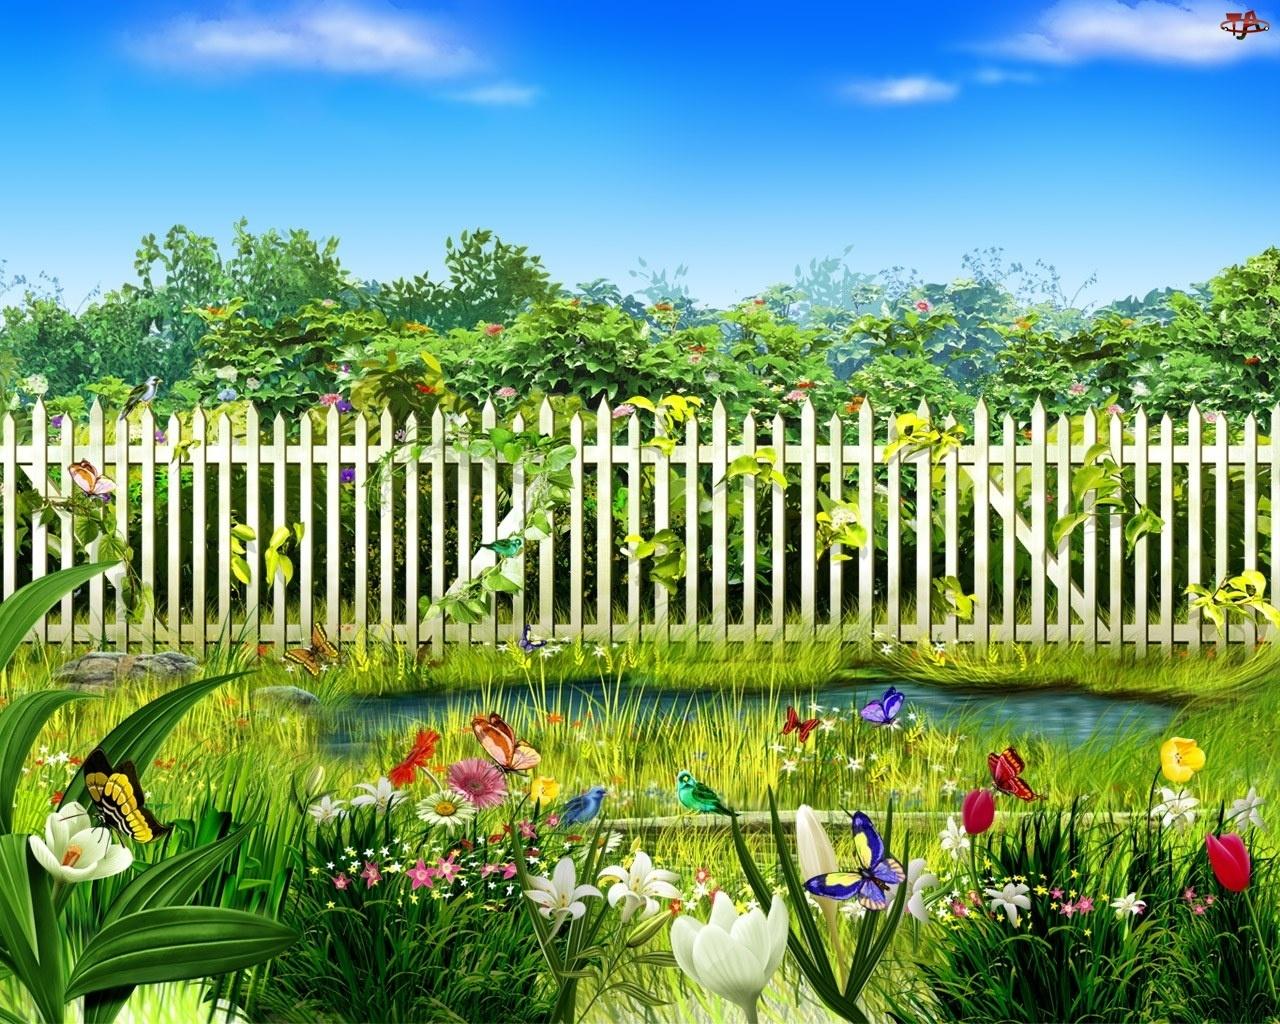 Bajorko, Ptaki, Ogród, Płot, Kwiaty, Motyle